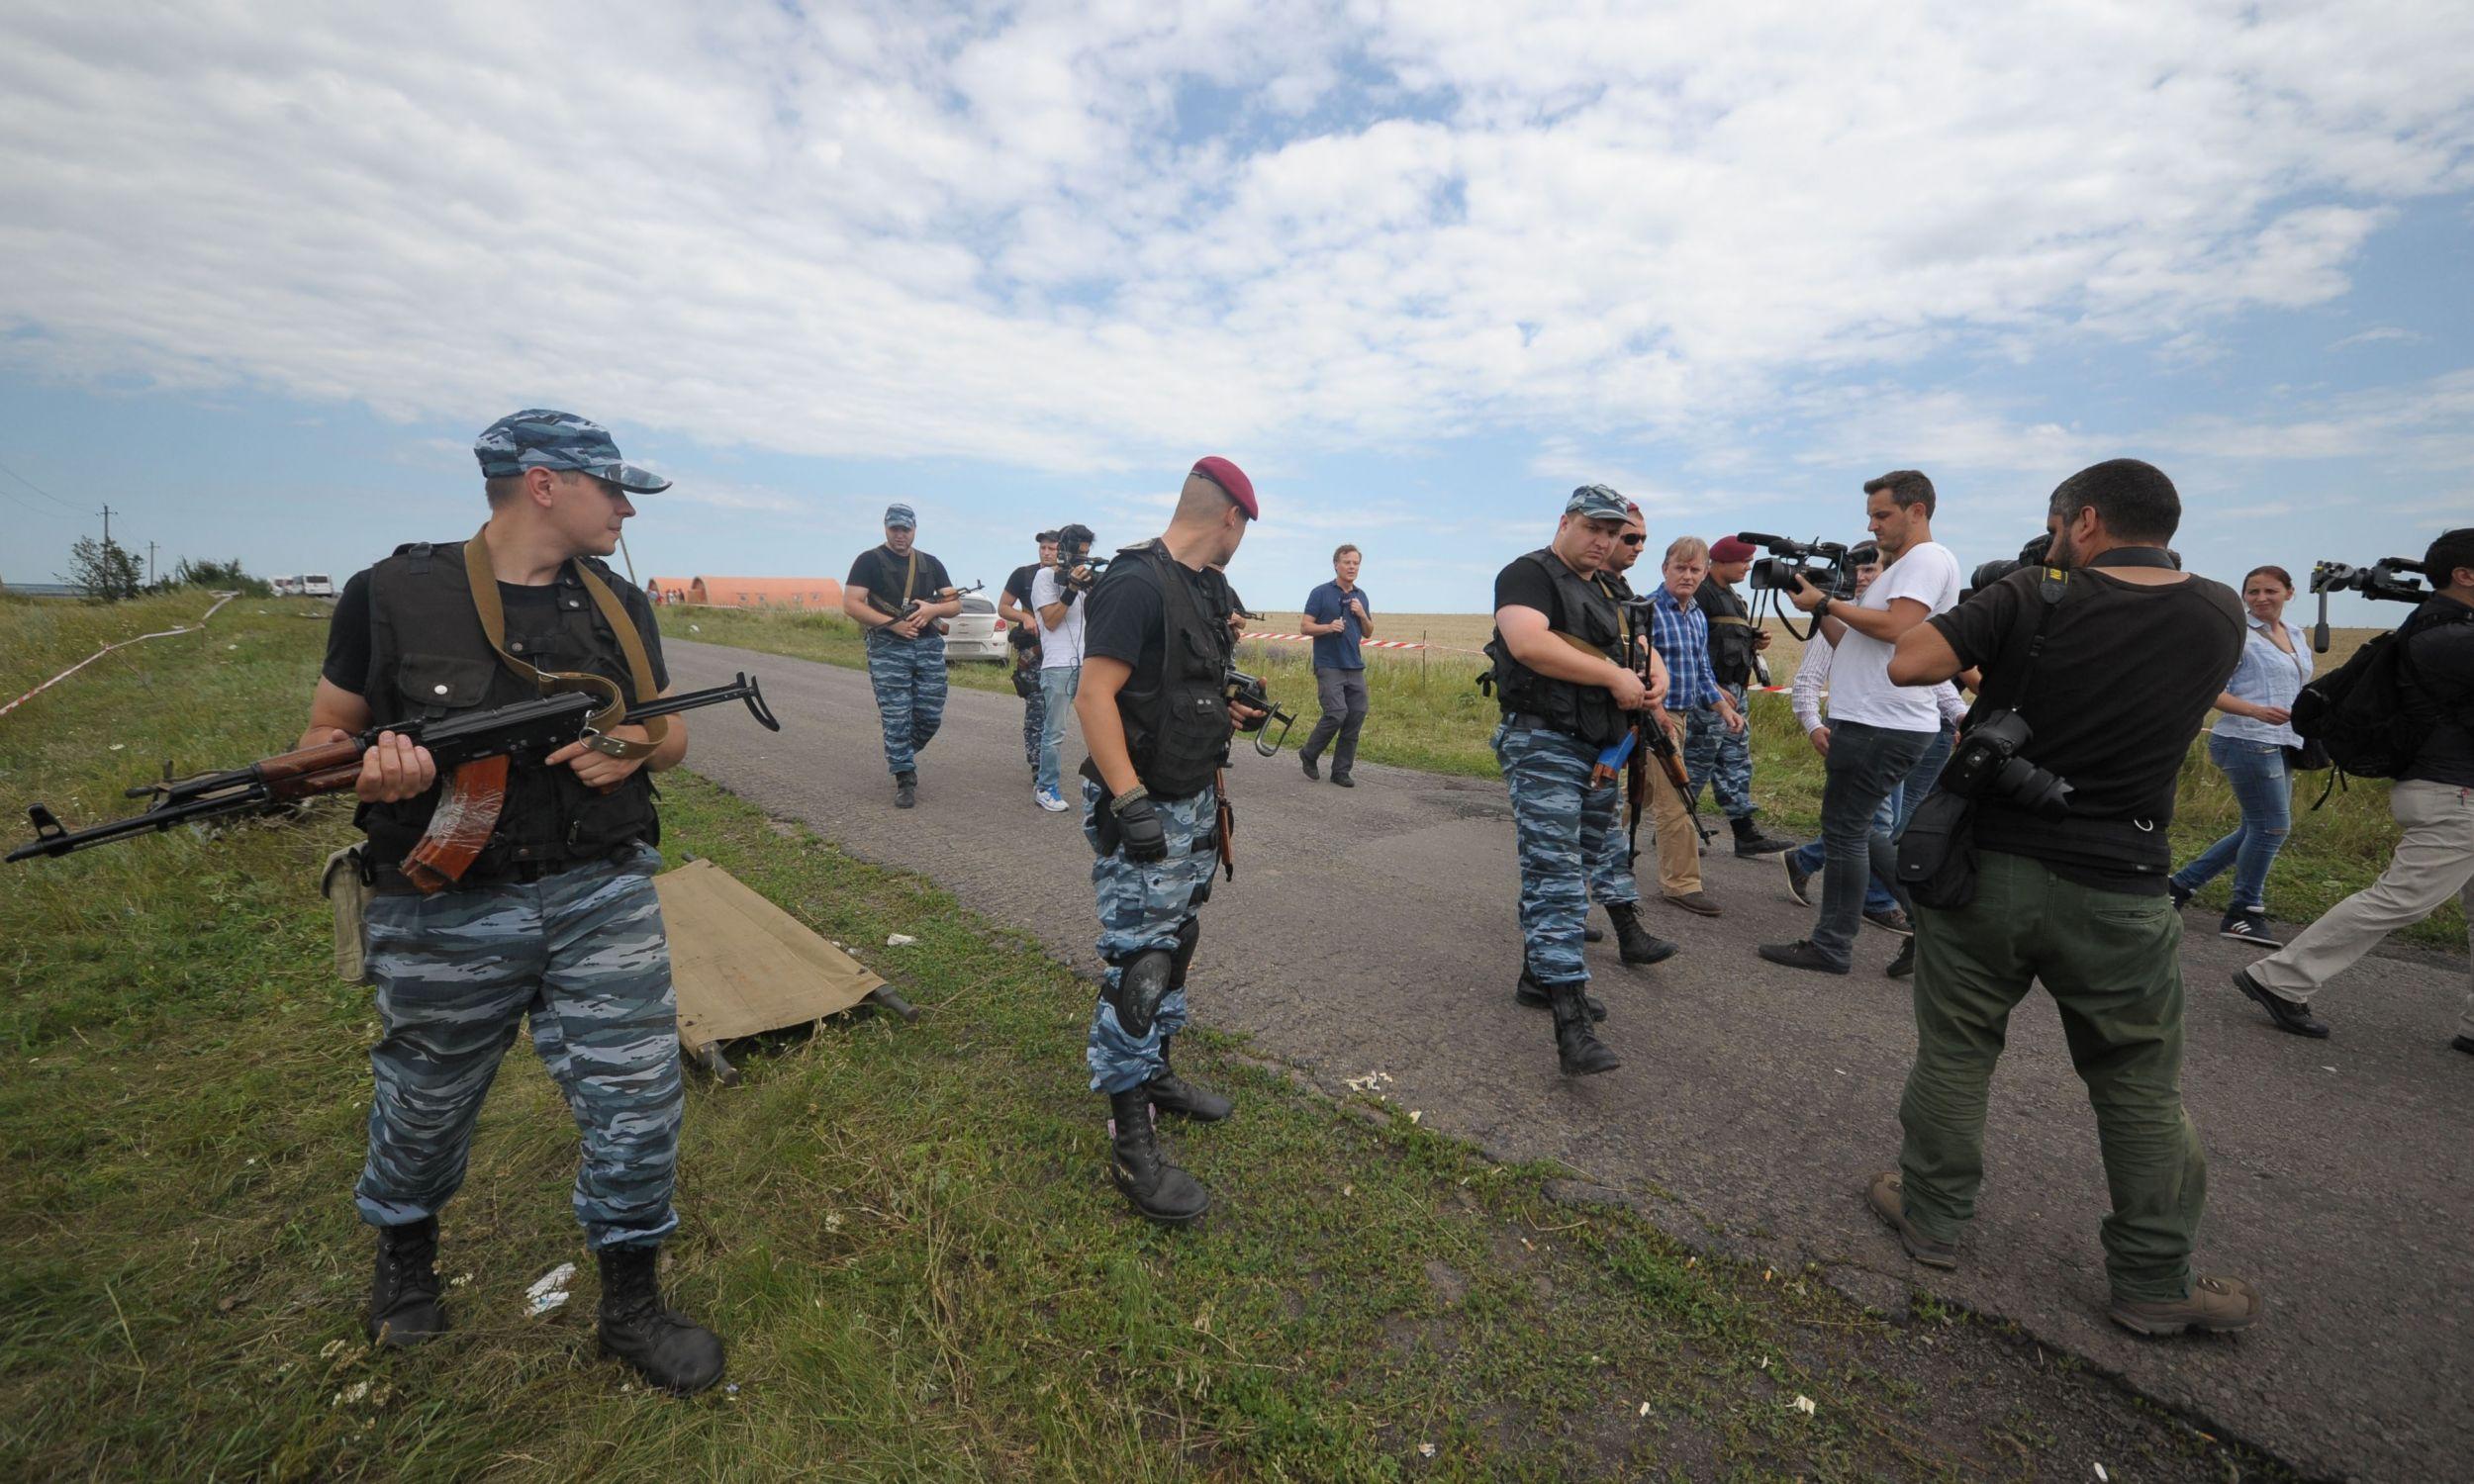 Prorosyjscy separatyści otoczyli miejsce katastrofy, nie dopuszczając do niego mediów. Pod kontrolą separatystów przedstawiciele Organizacji Bezpieczeństwa i Współpracy w Europie (OBWE)  będą przeprowadzić inspekcję w rejonie zestrzelenia samolotu. Fot. Soner Kilinc / Anadolu Agency/Getty Images